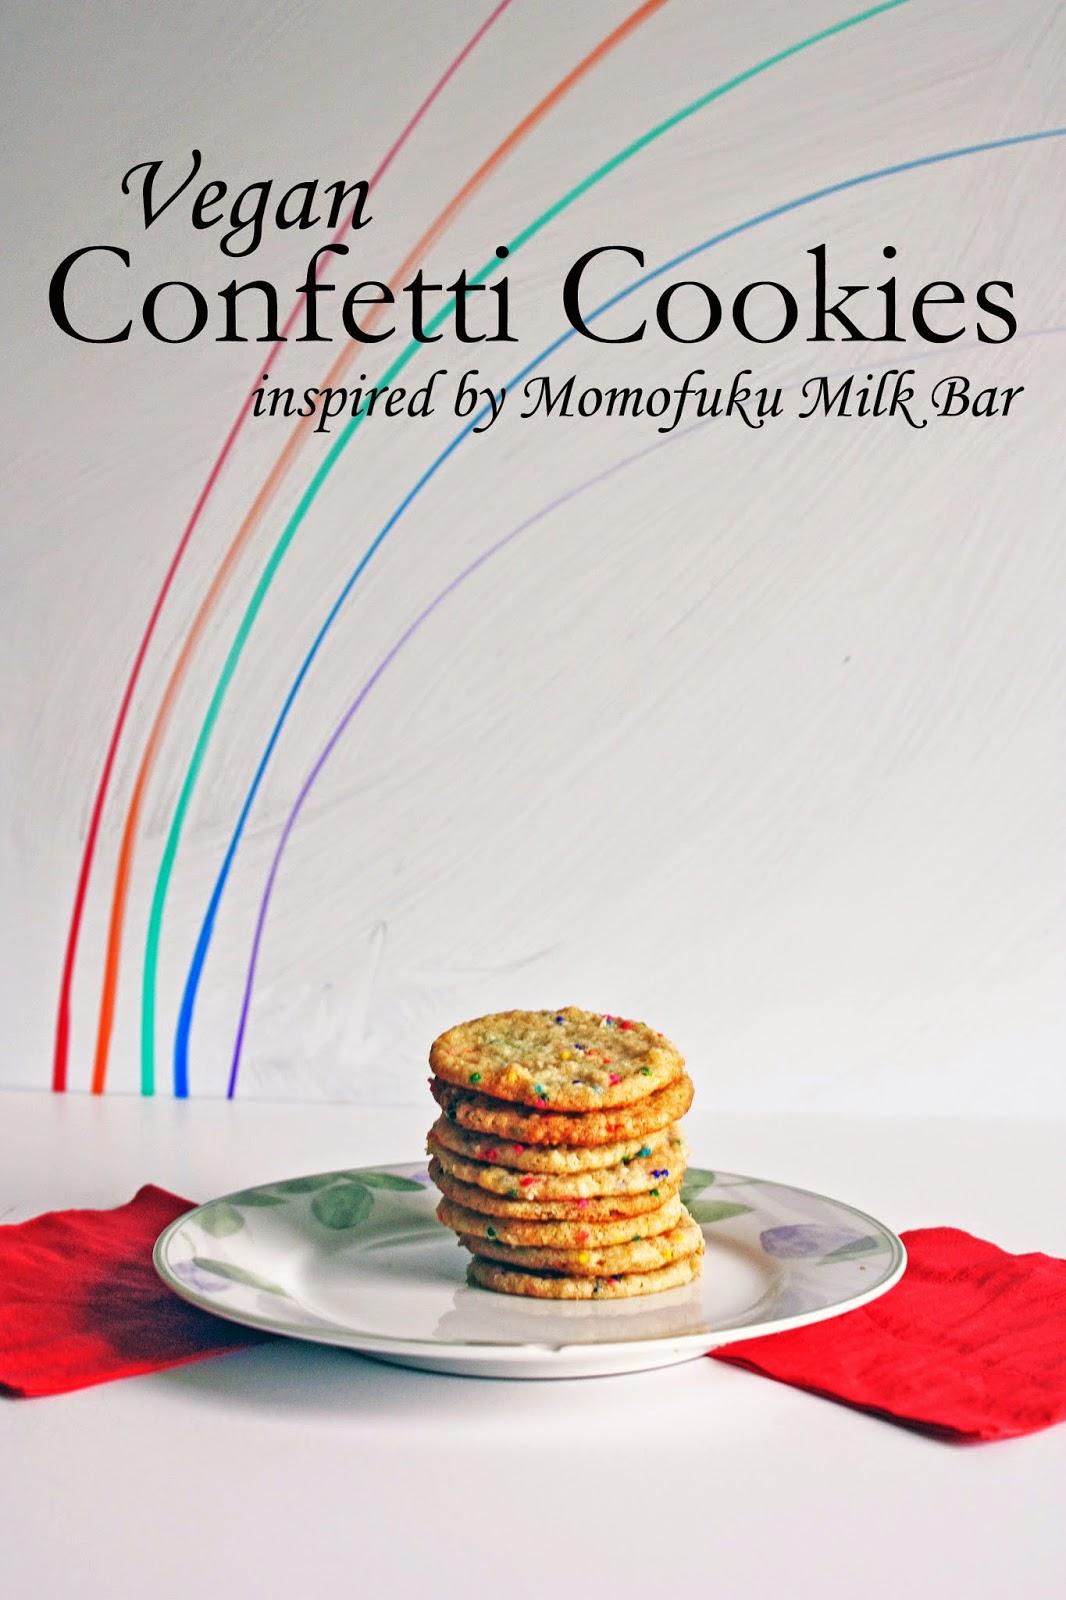 vegan momofuku inspired confetti cookies